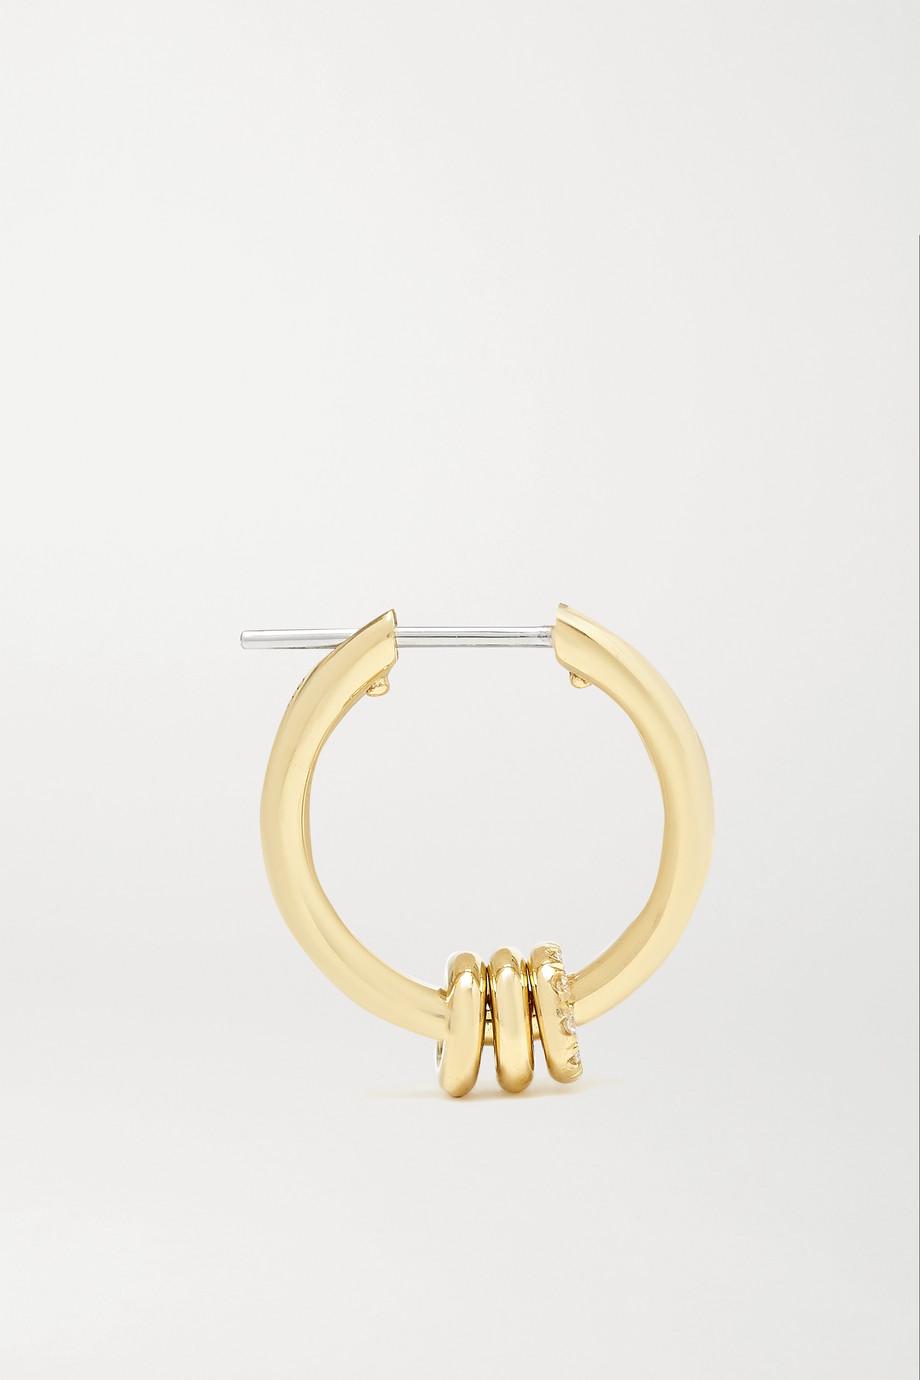 Spinelli Kilcollin Ara 18K 黄金钻石耳环